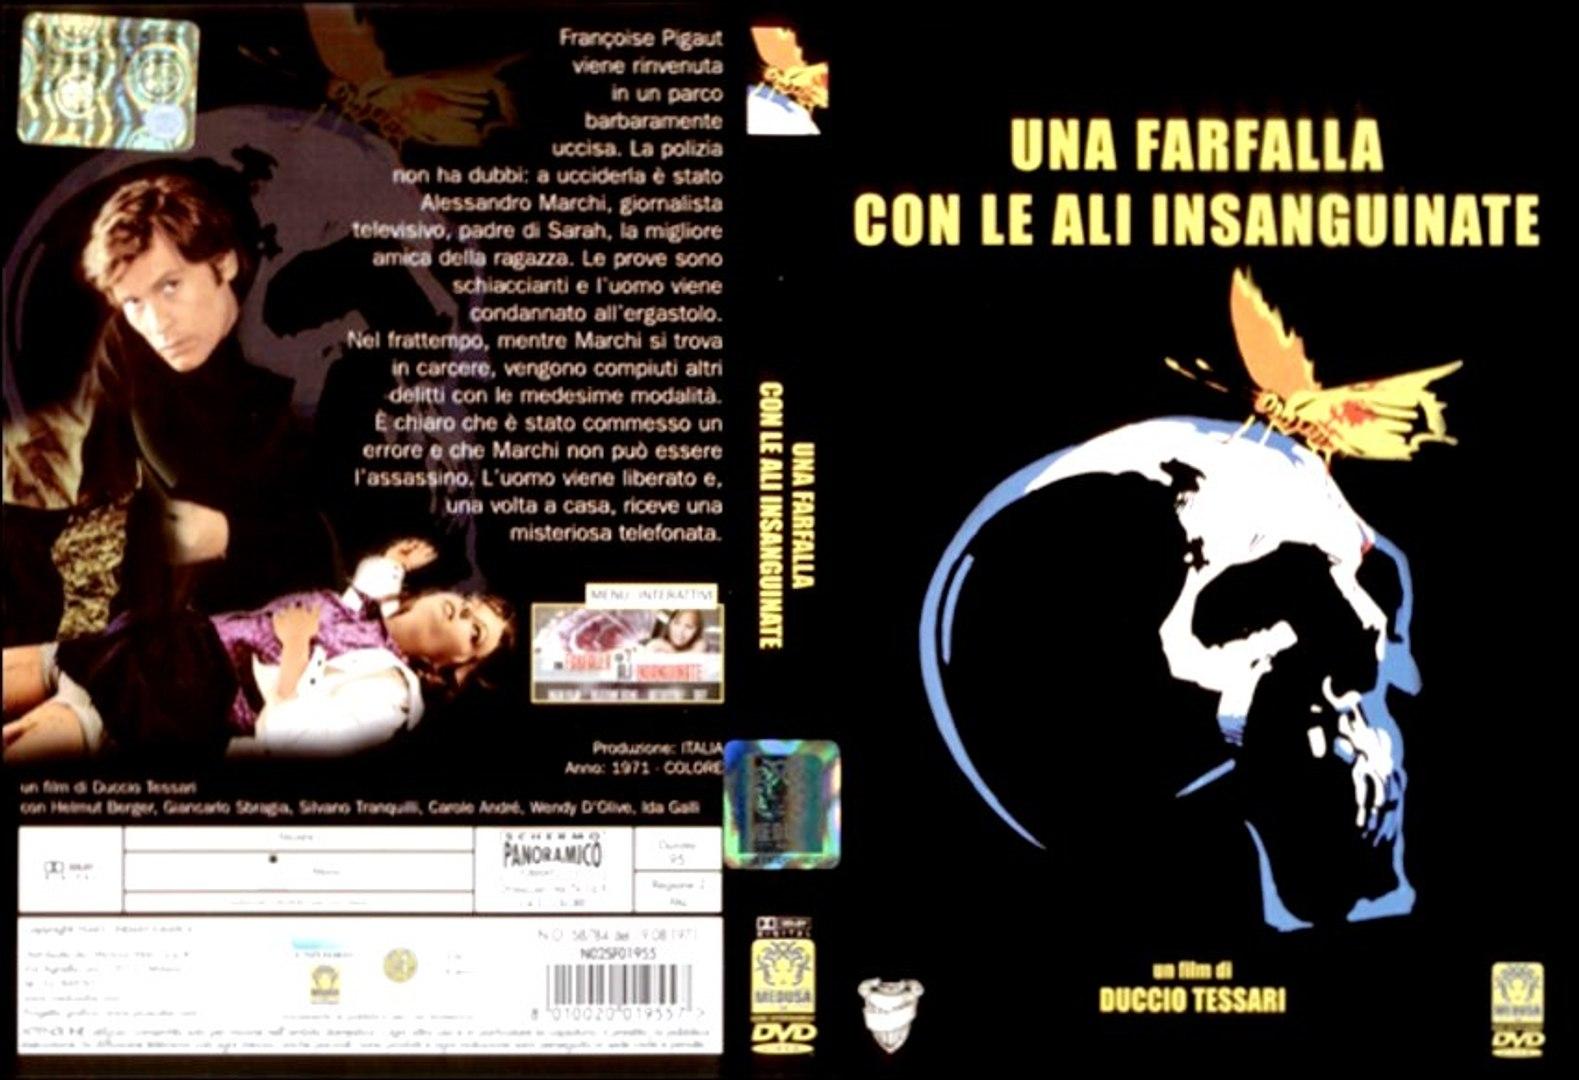 (Italy 1971) Gianni Ferrio - Una Farfalla Con Le Ali Insanguinate